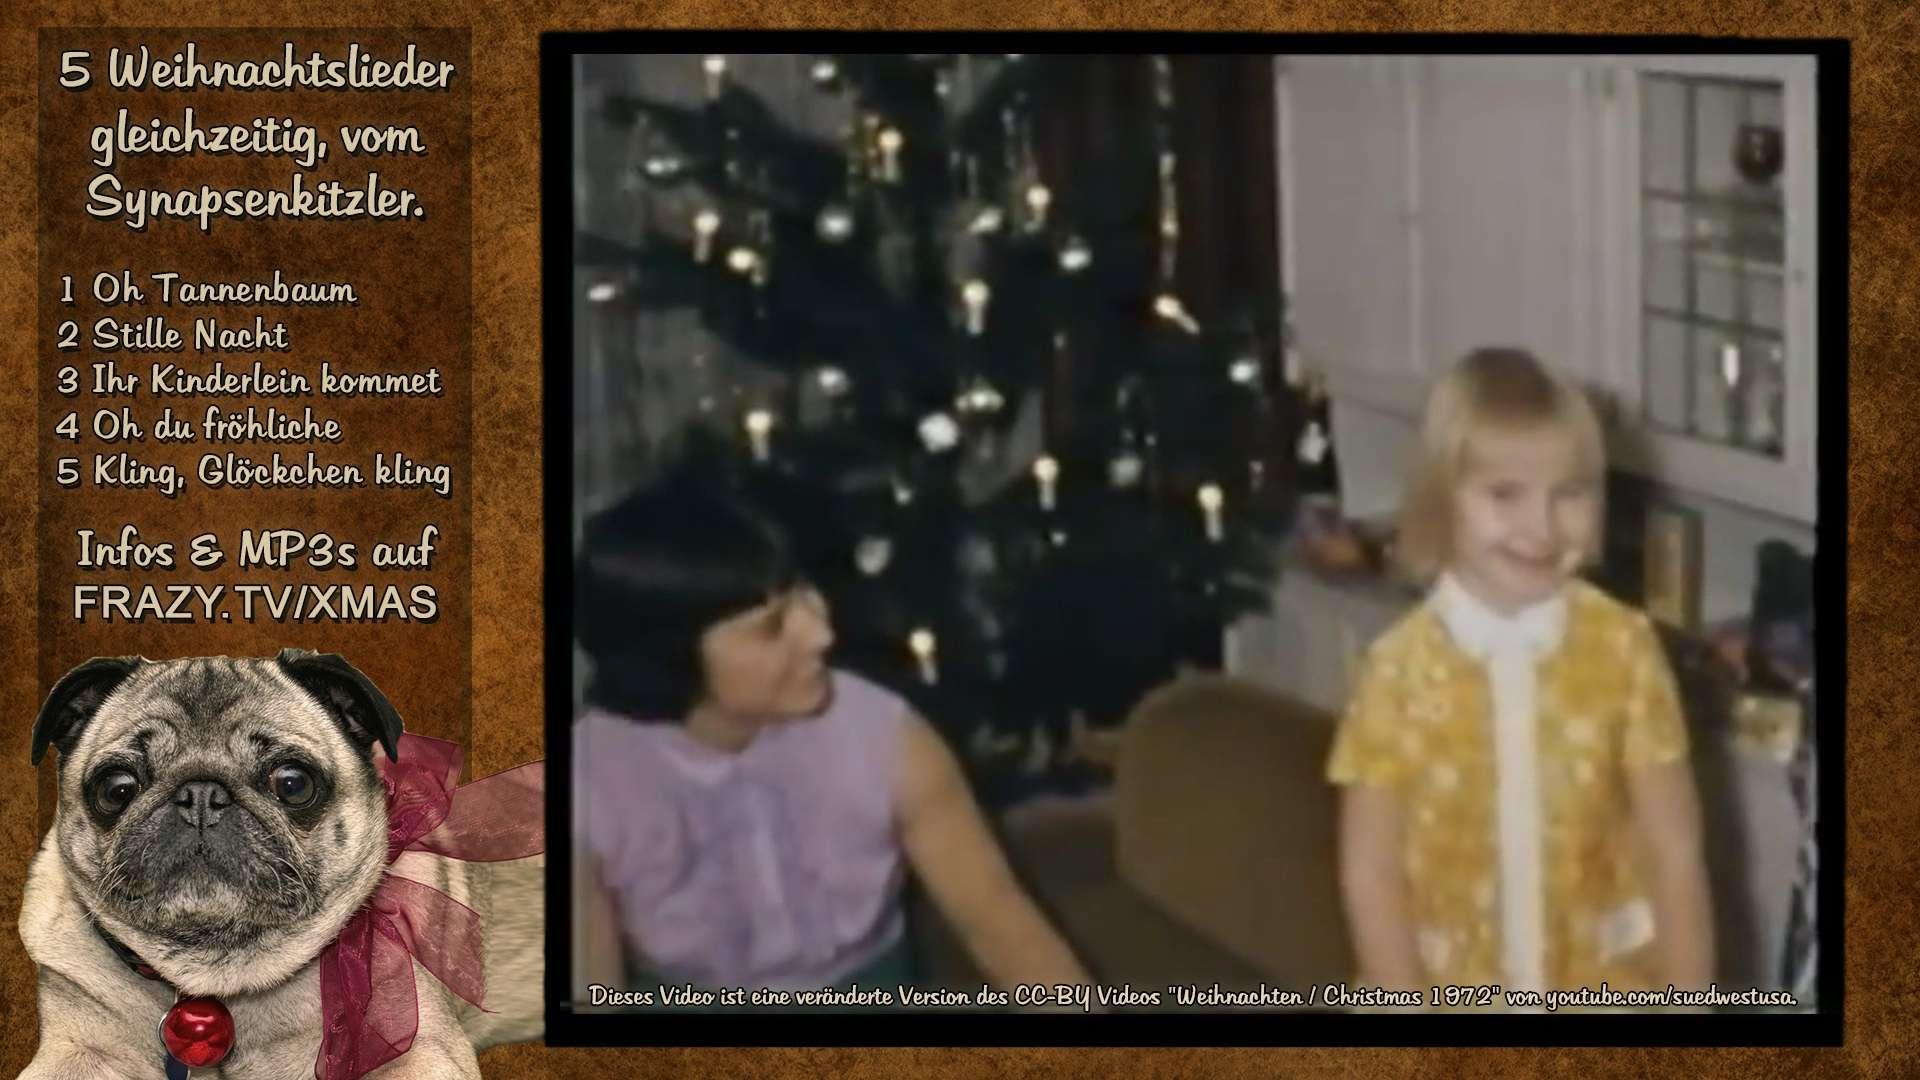 FRAZY.tv - Synapsenkitzler - Beliebteste Weihnachtslieder schön + ...